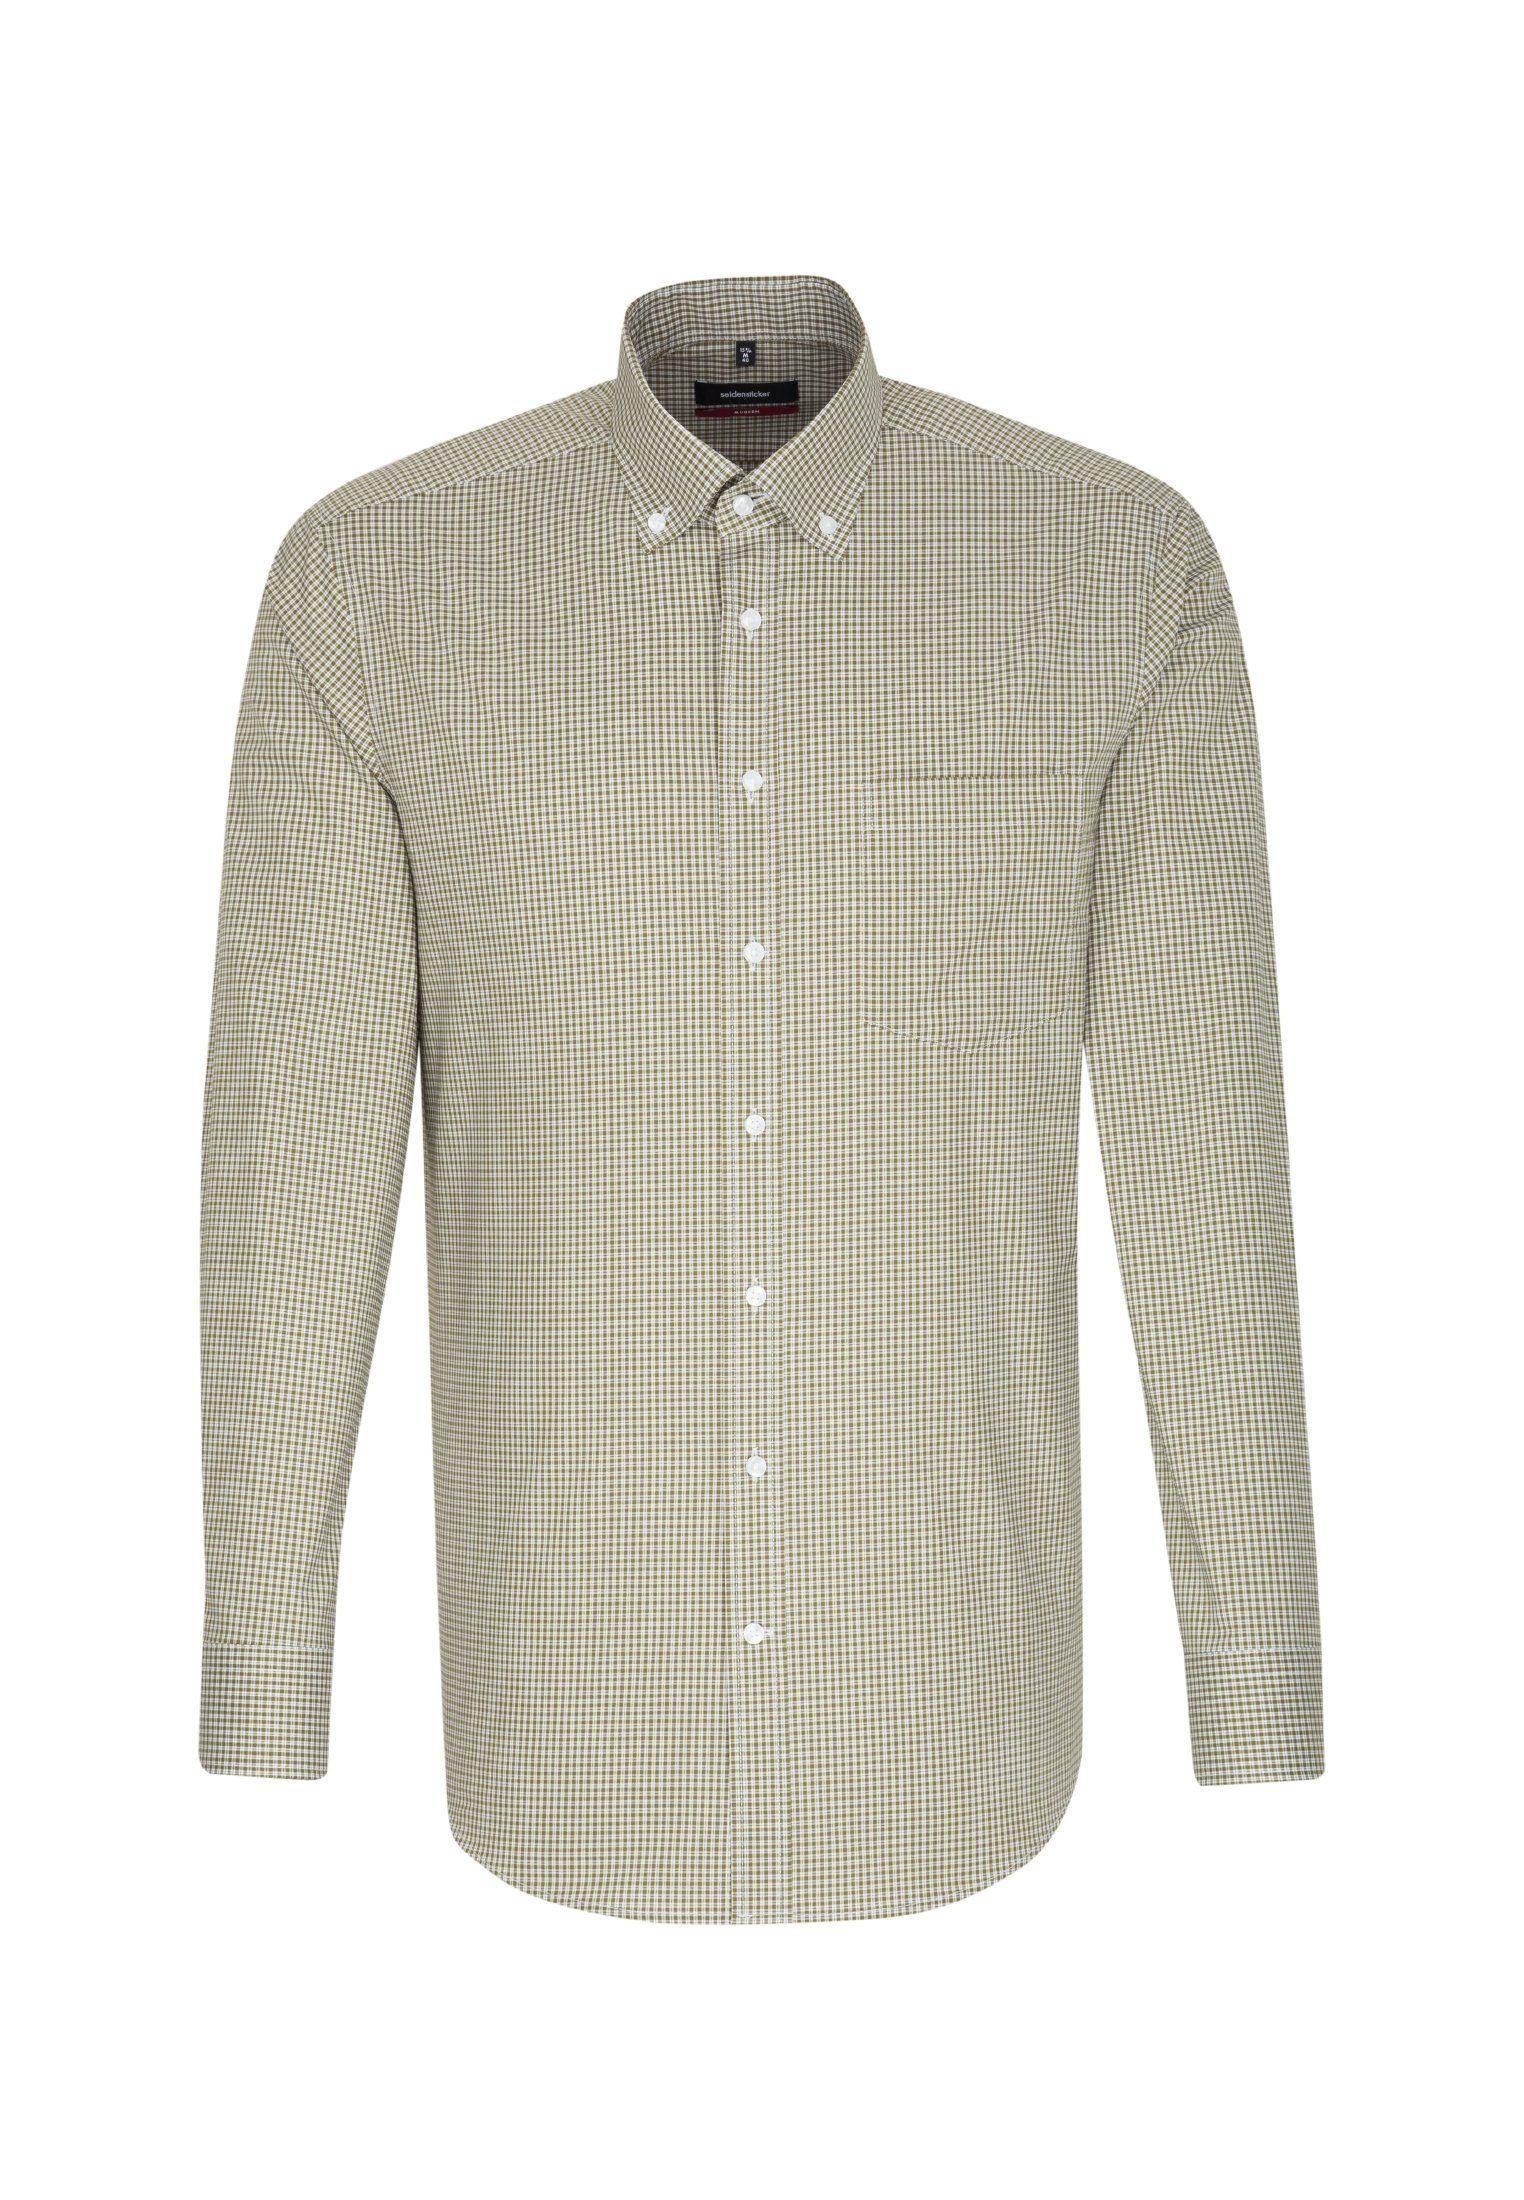 Button down Kragen Hemden | Jetzt online kaufen | OLYMP